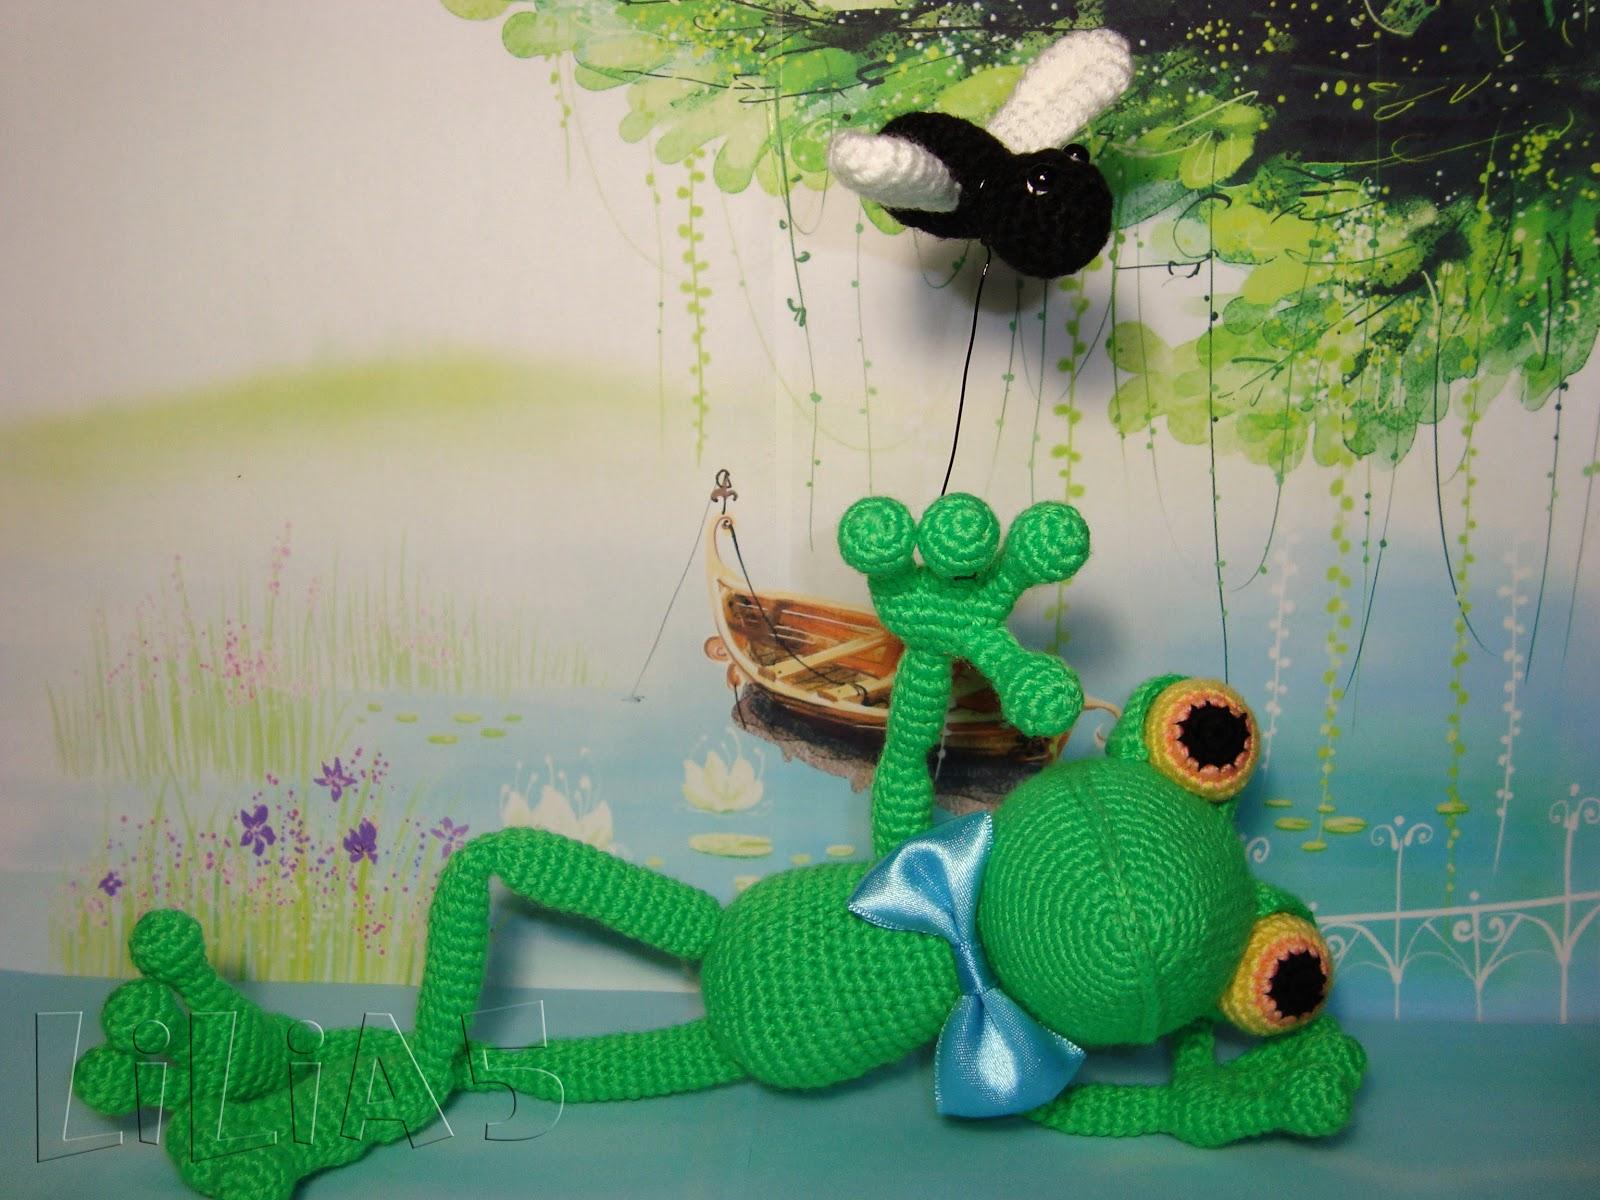 Лягушка handmade. Зачарованный принц. Вязание крючком 7